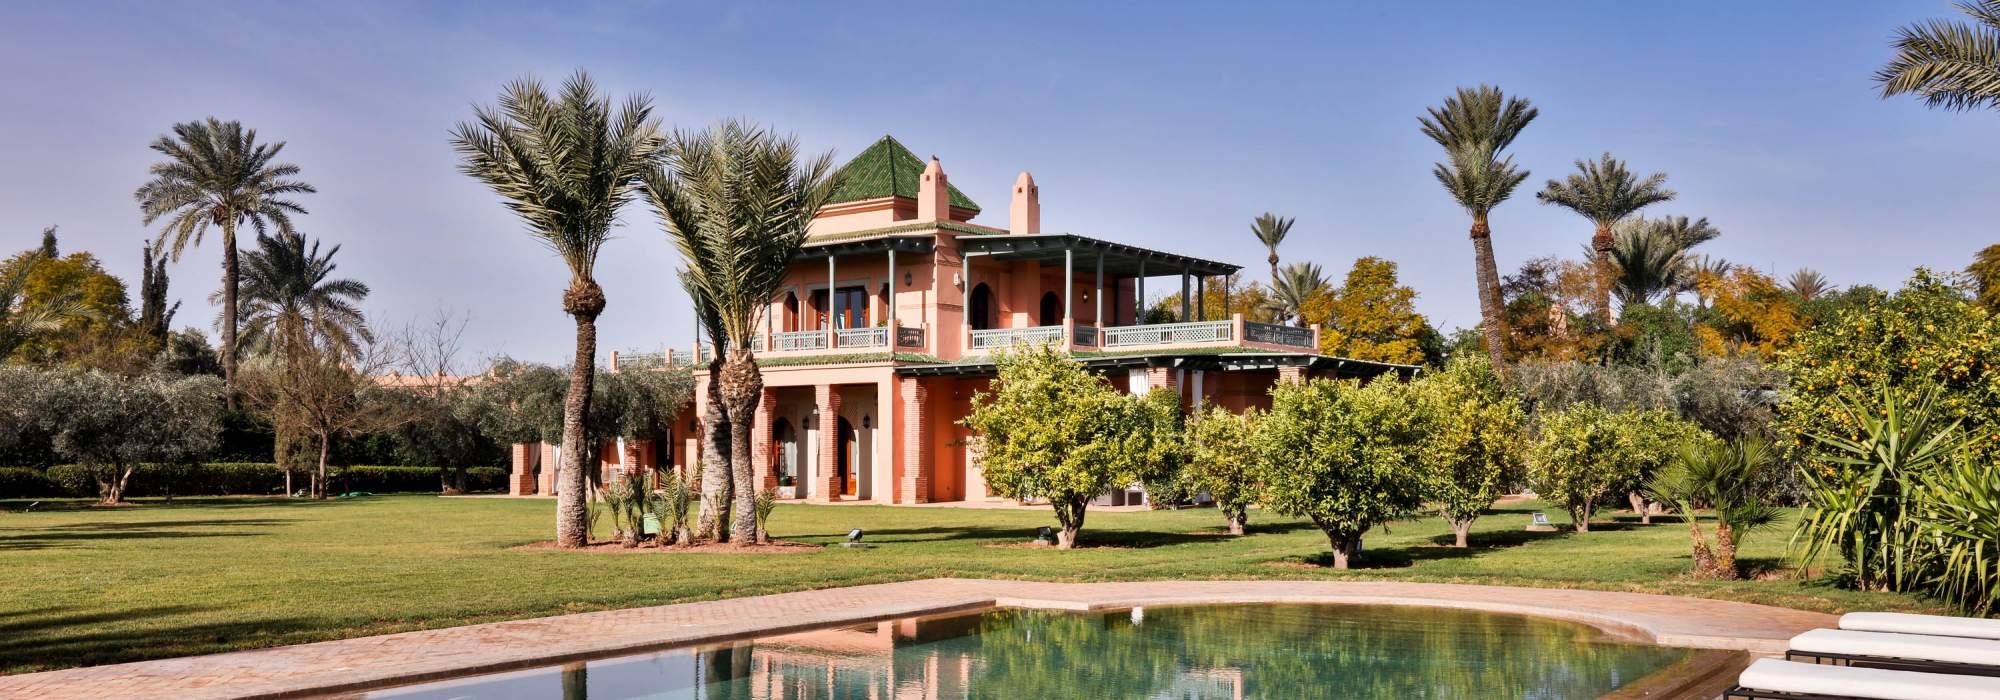 villa a vendre Sur le circuit de la palmeraie  marrakech